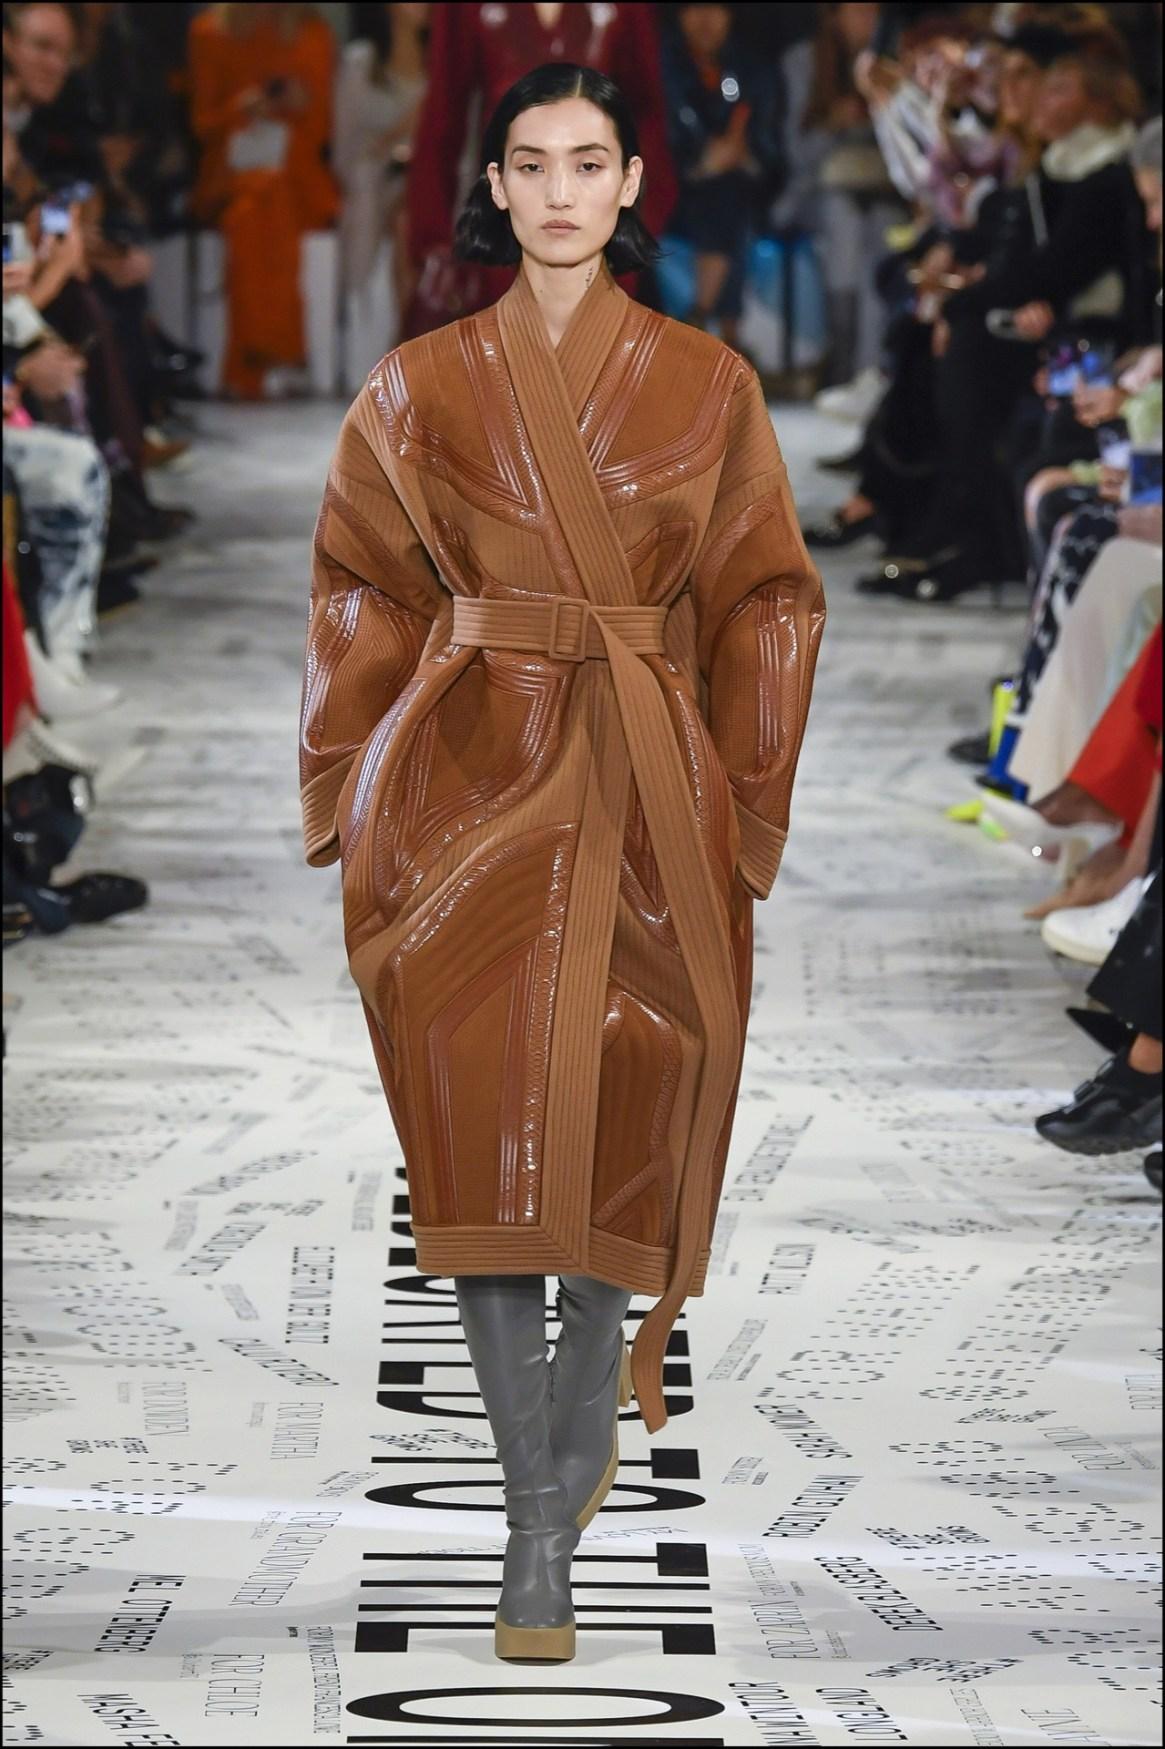 Todos los diseños estuvieron combinados con botas Hunter. El marido de Stella es el director creativo deesa marca.